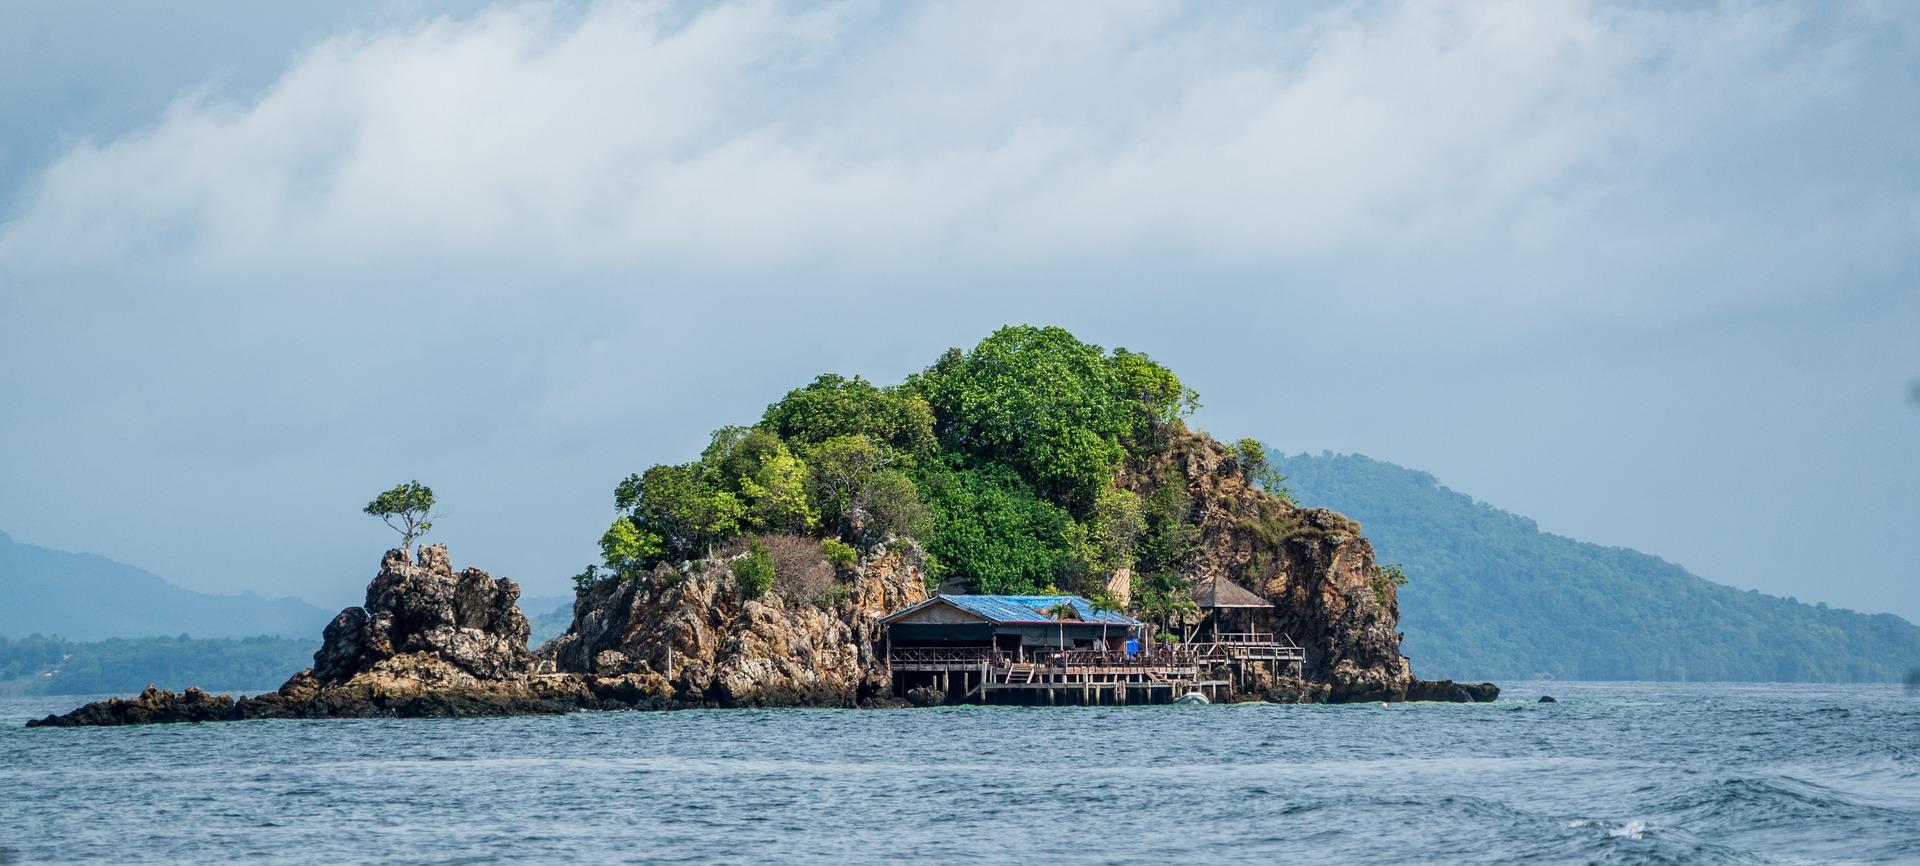 Tayland'ın En Gözde Tatil Adası: Phuket Adası ve Bilmeniz Gerekenler